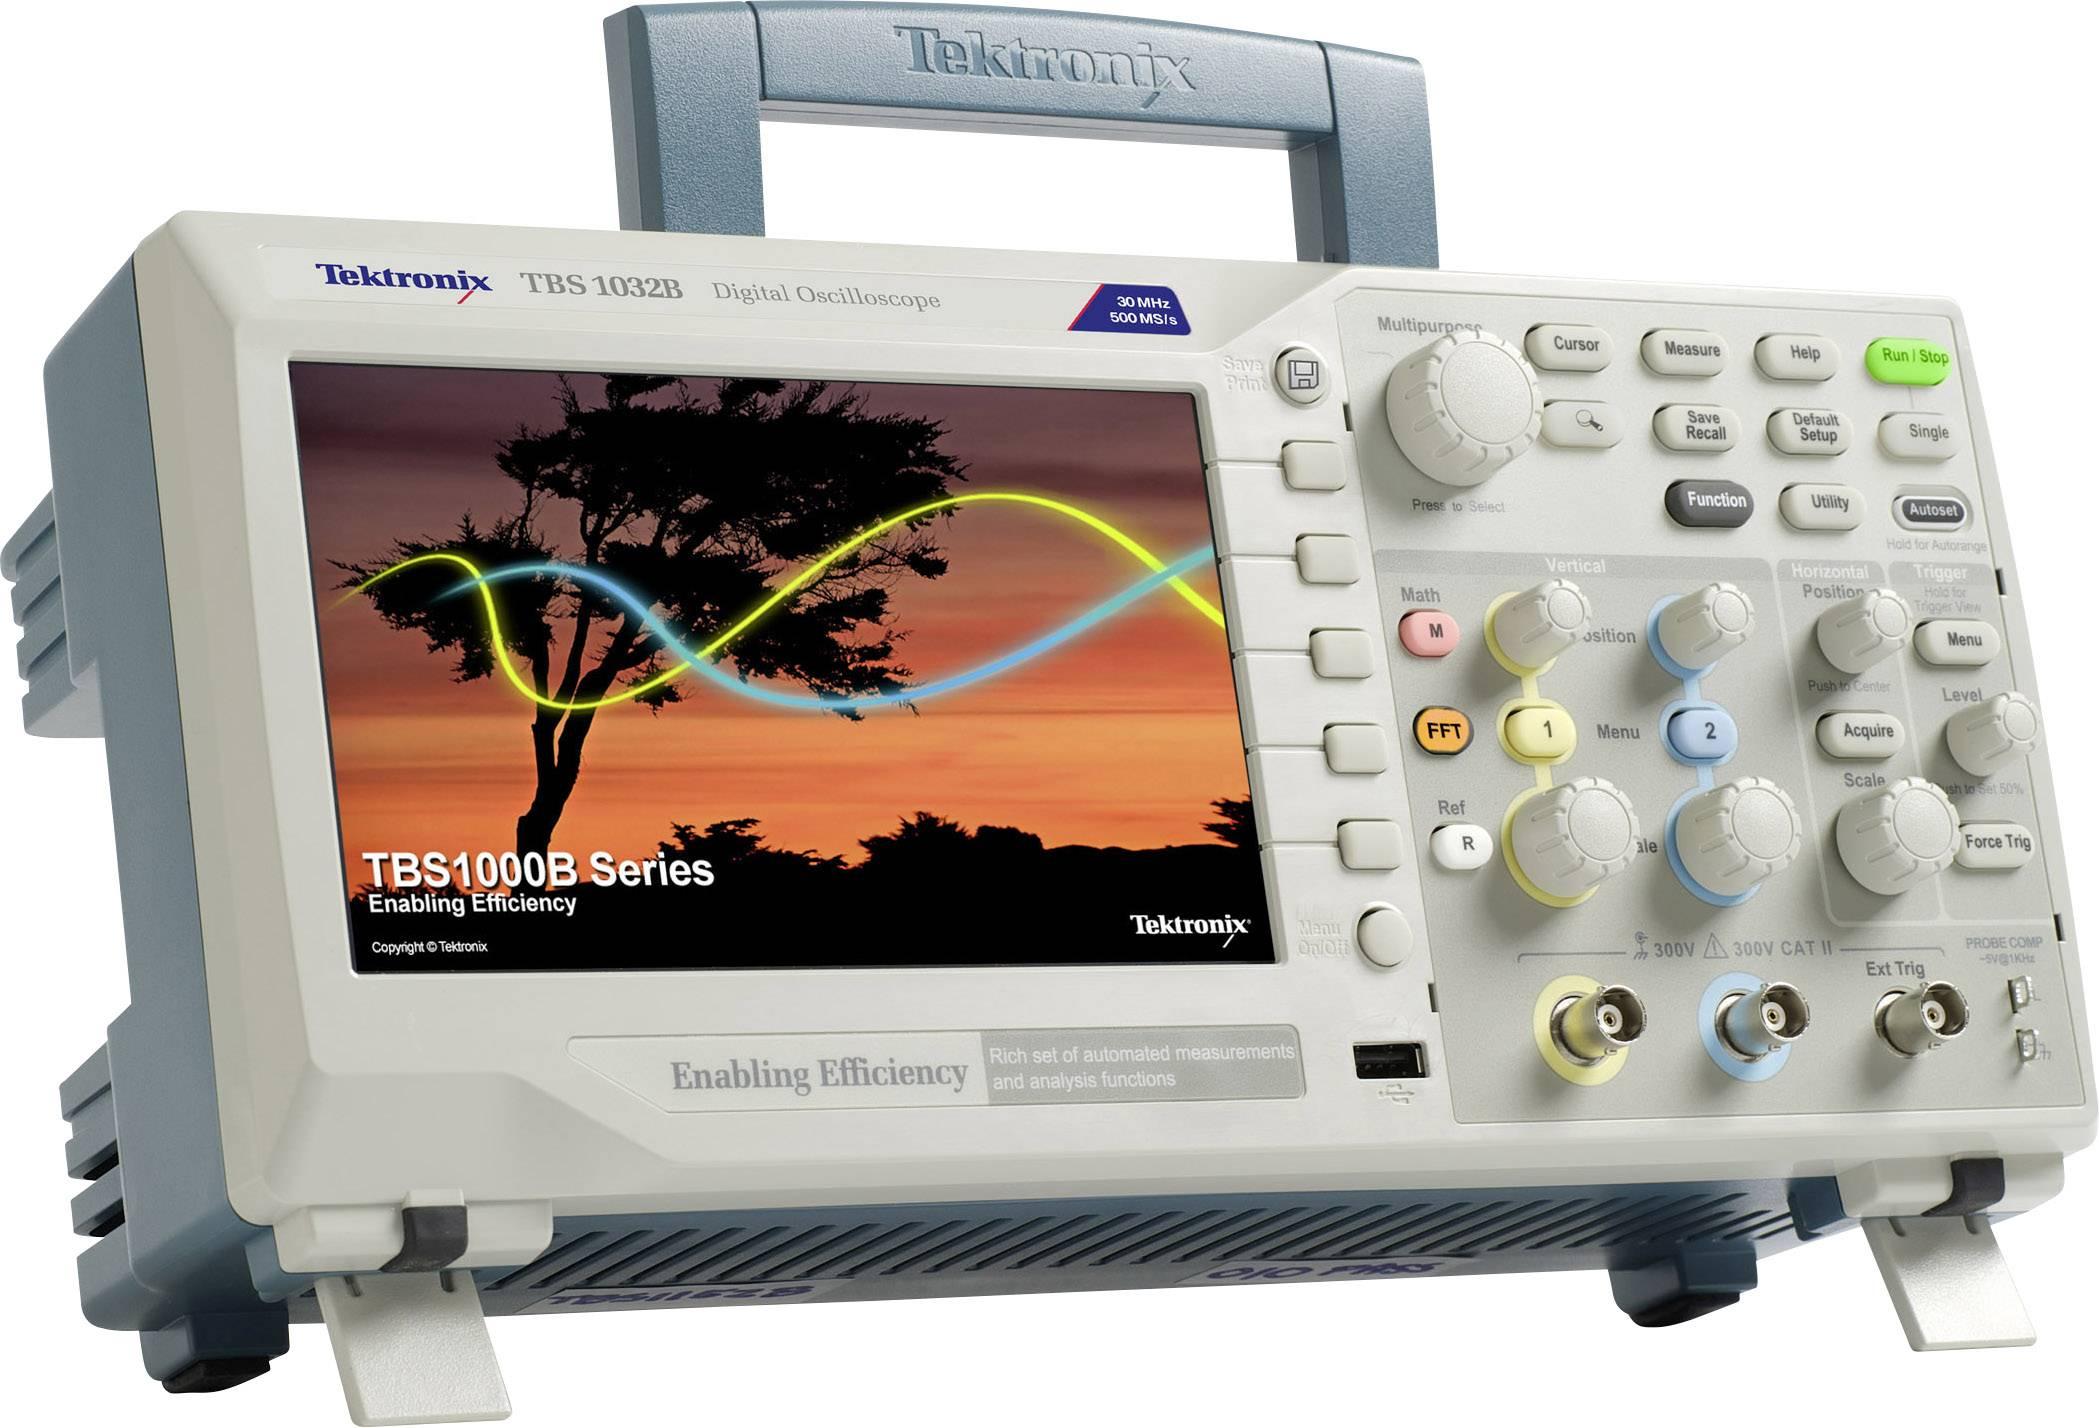 Digitální osciloskop Tektronix TBS1032B, 30 MHz, 2kanálový, Kalibrováno dle ISO